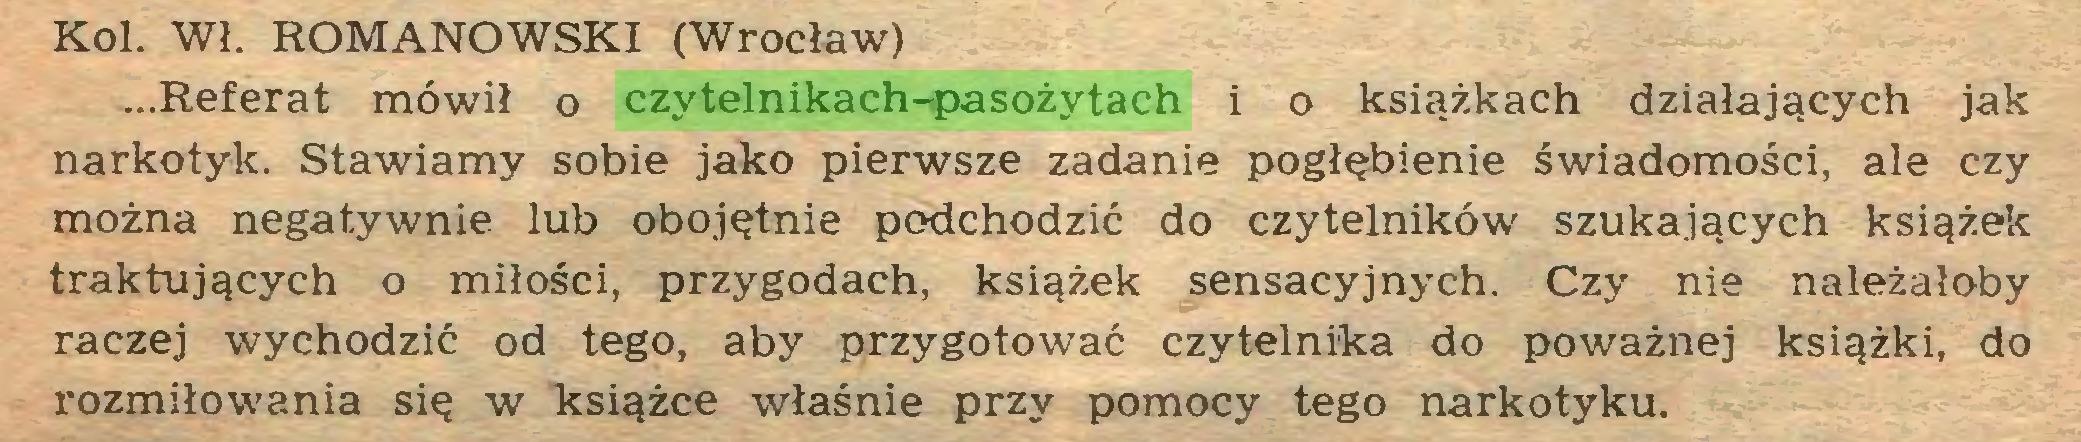 (...) Kol. Wł. ROMANOWSKI (Wrocław) ...Referat mówił o czytelnikach-pasożytach i o książkach działających jak narkotyk. Stawiamy sobie jako pierwsze zadanie pogłębienie świadomości, ale czy można negatywnie lub obojętnie podchodzić do czytelników szukających książek traktujących o miłości, przygodach, książek sensacyjnych. Czy nie należałoby raczej wychodzić od tego, aby przygotować czytelnika do poważnej książki, do rozmiłowania się w książce właśnie przy pomocy tego narkotyku...